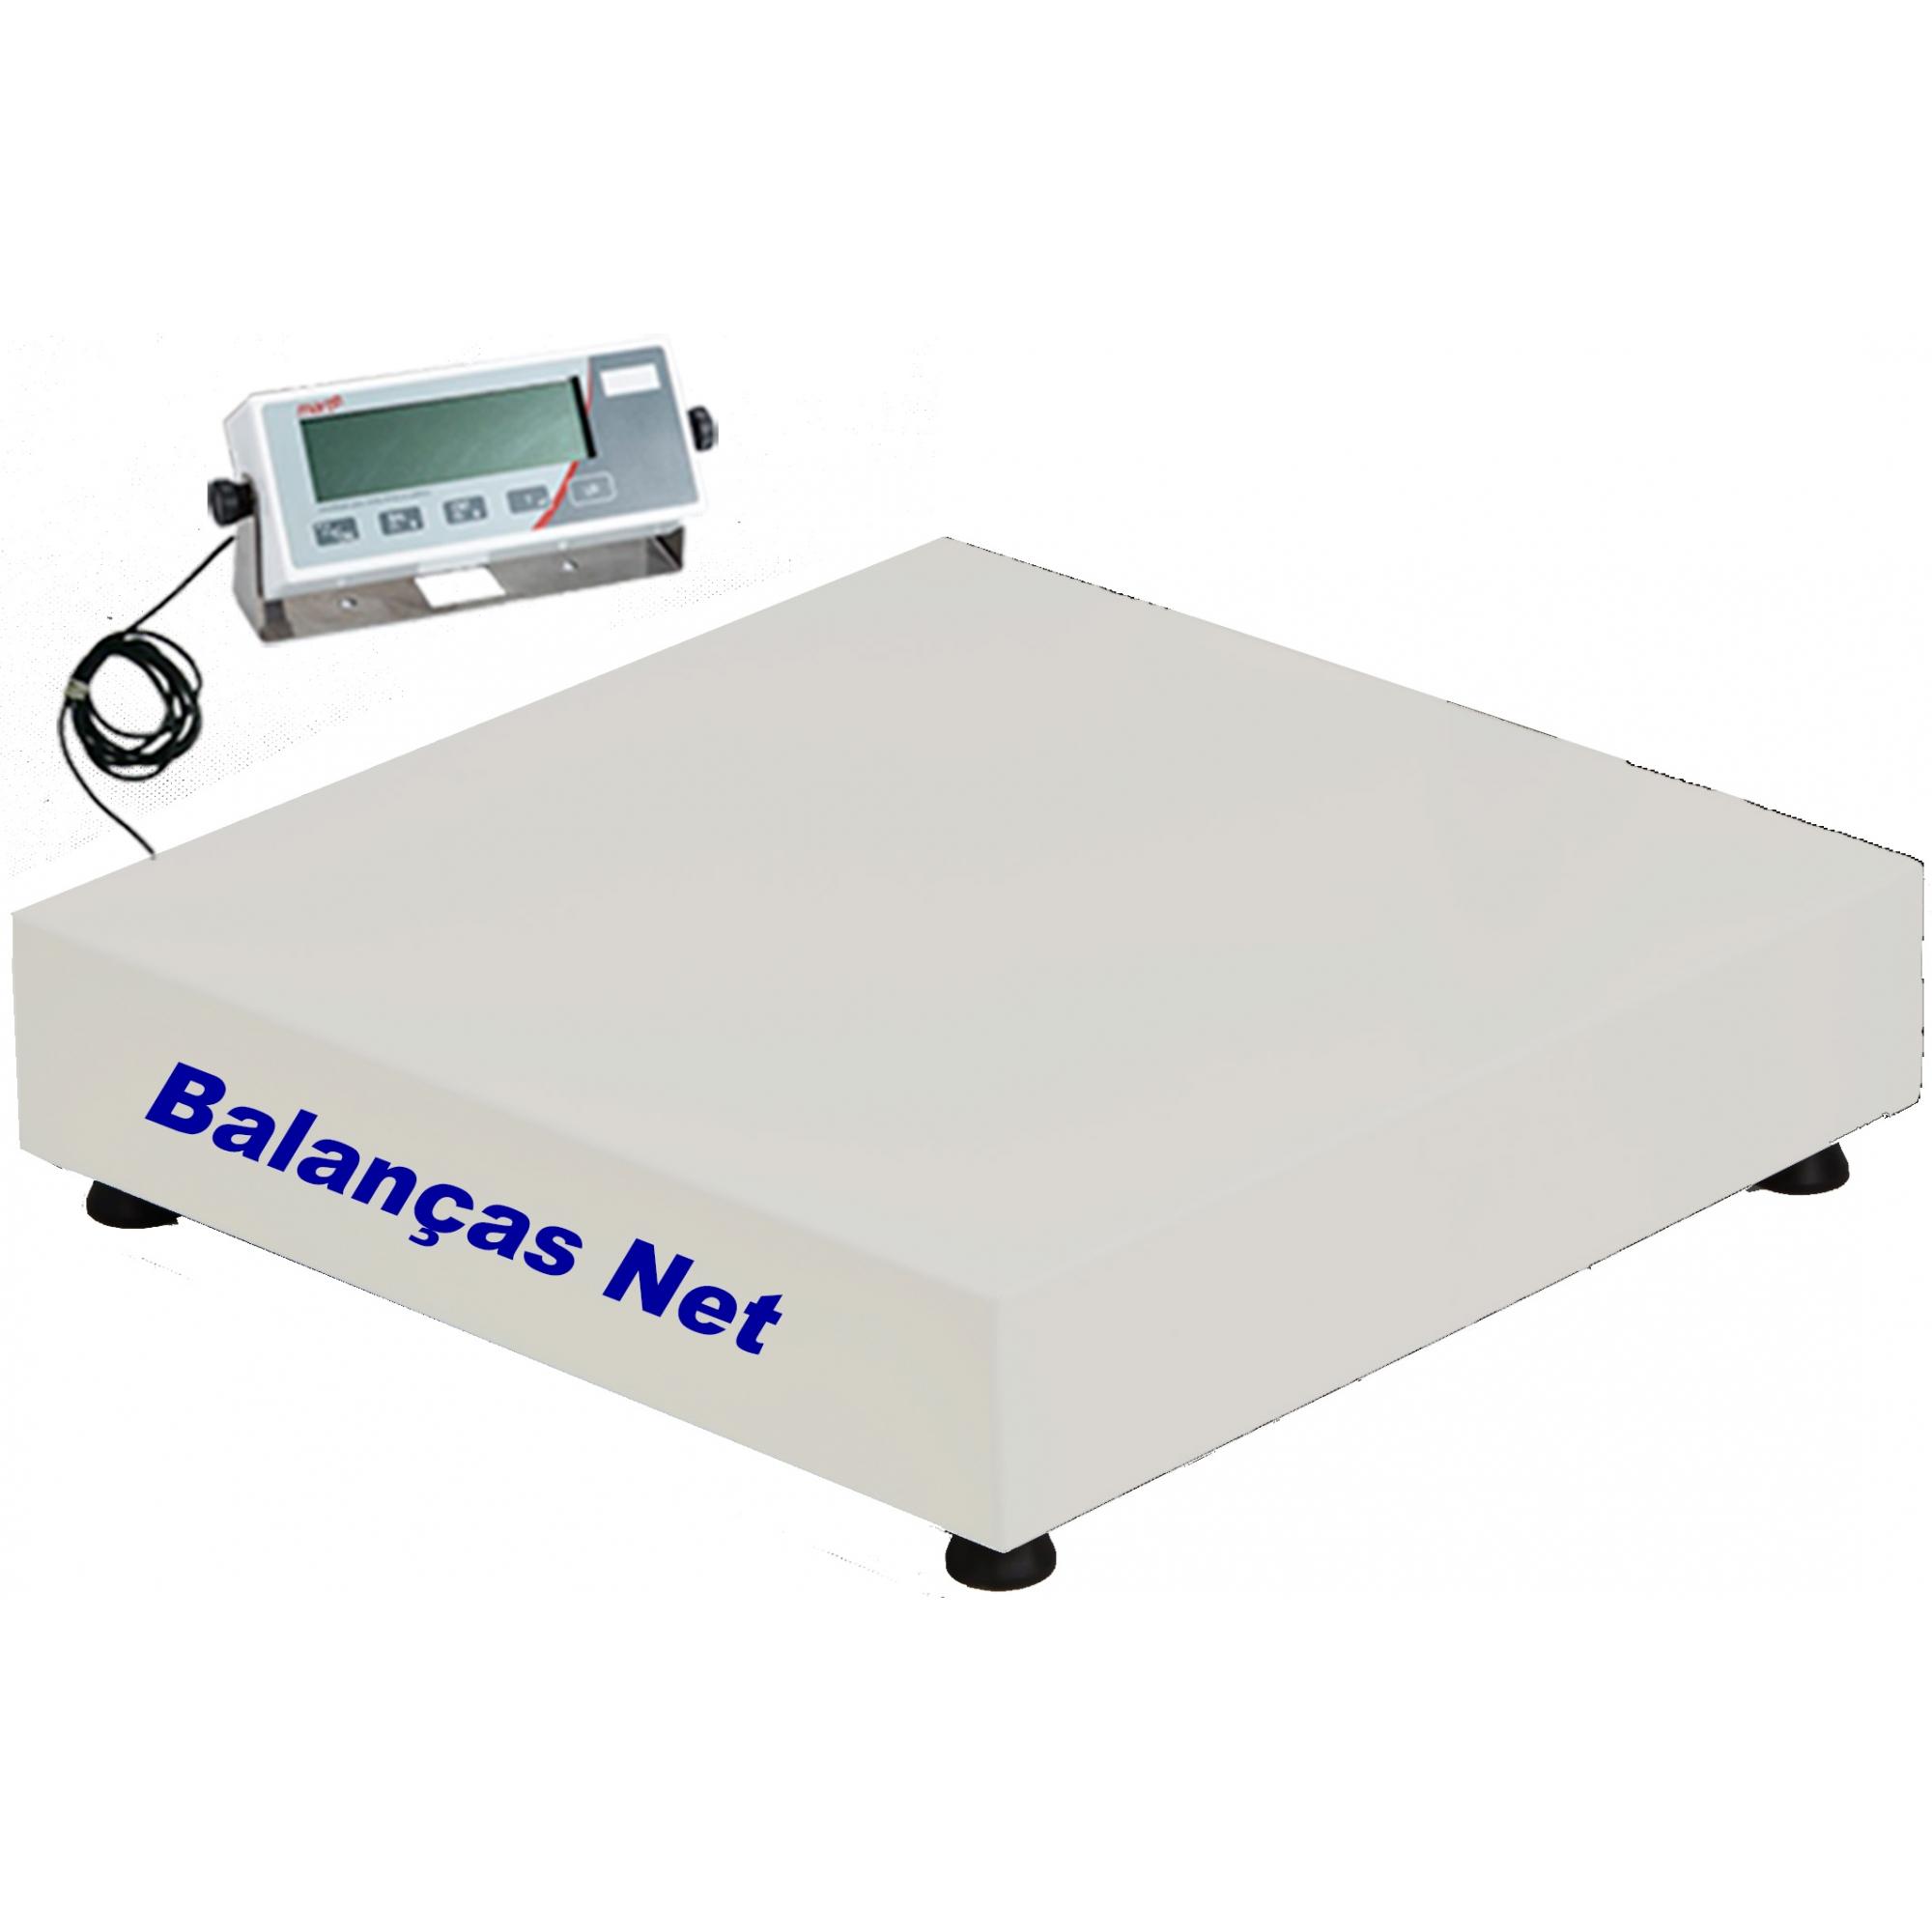 BALANÇA ELETRÔNICA 300kg x 100g - PLATAFORMA 50x50cm - MARTE